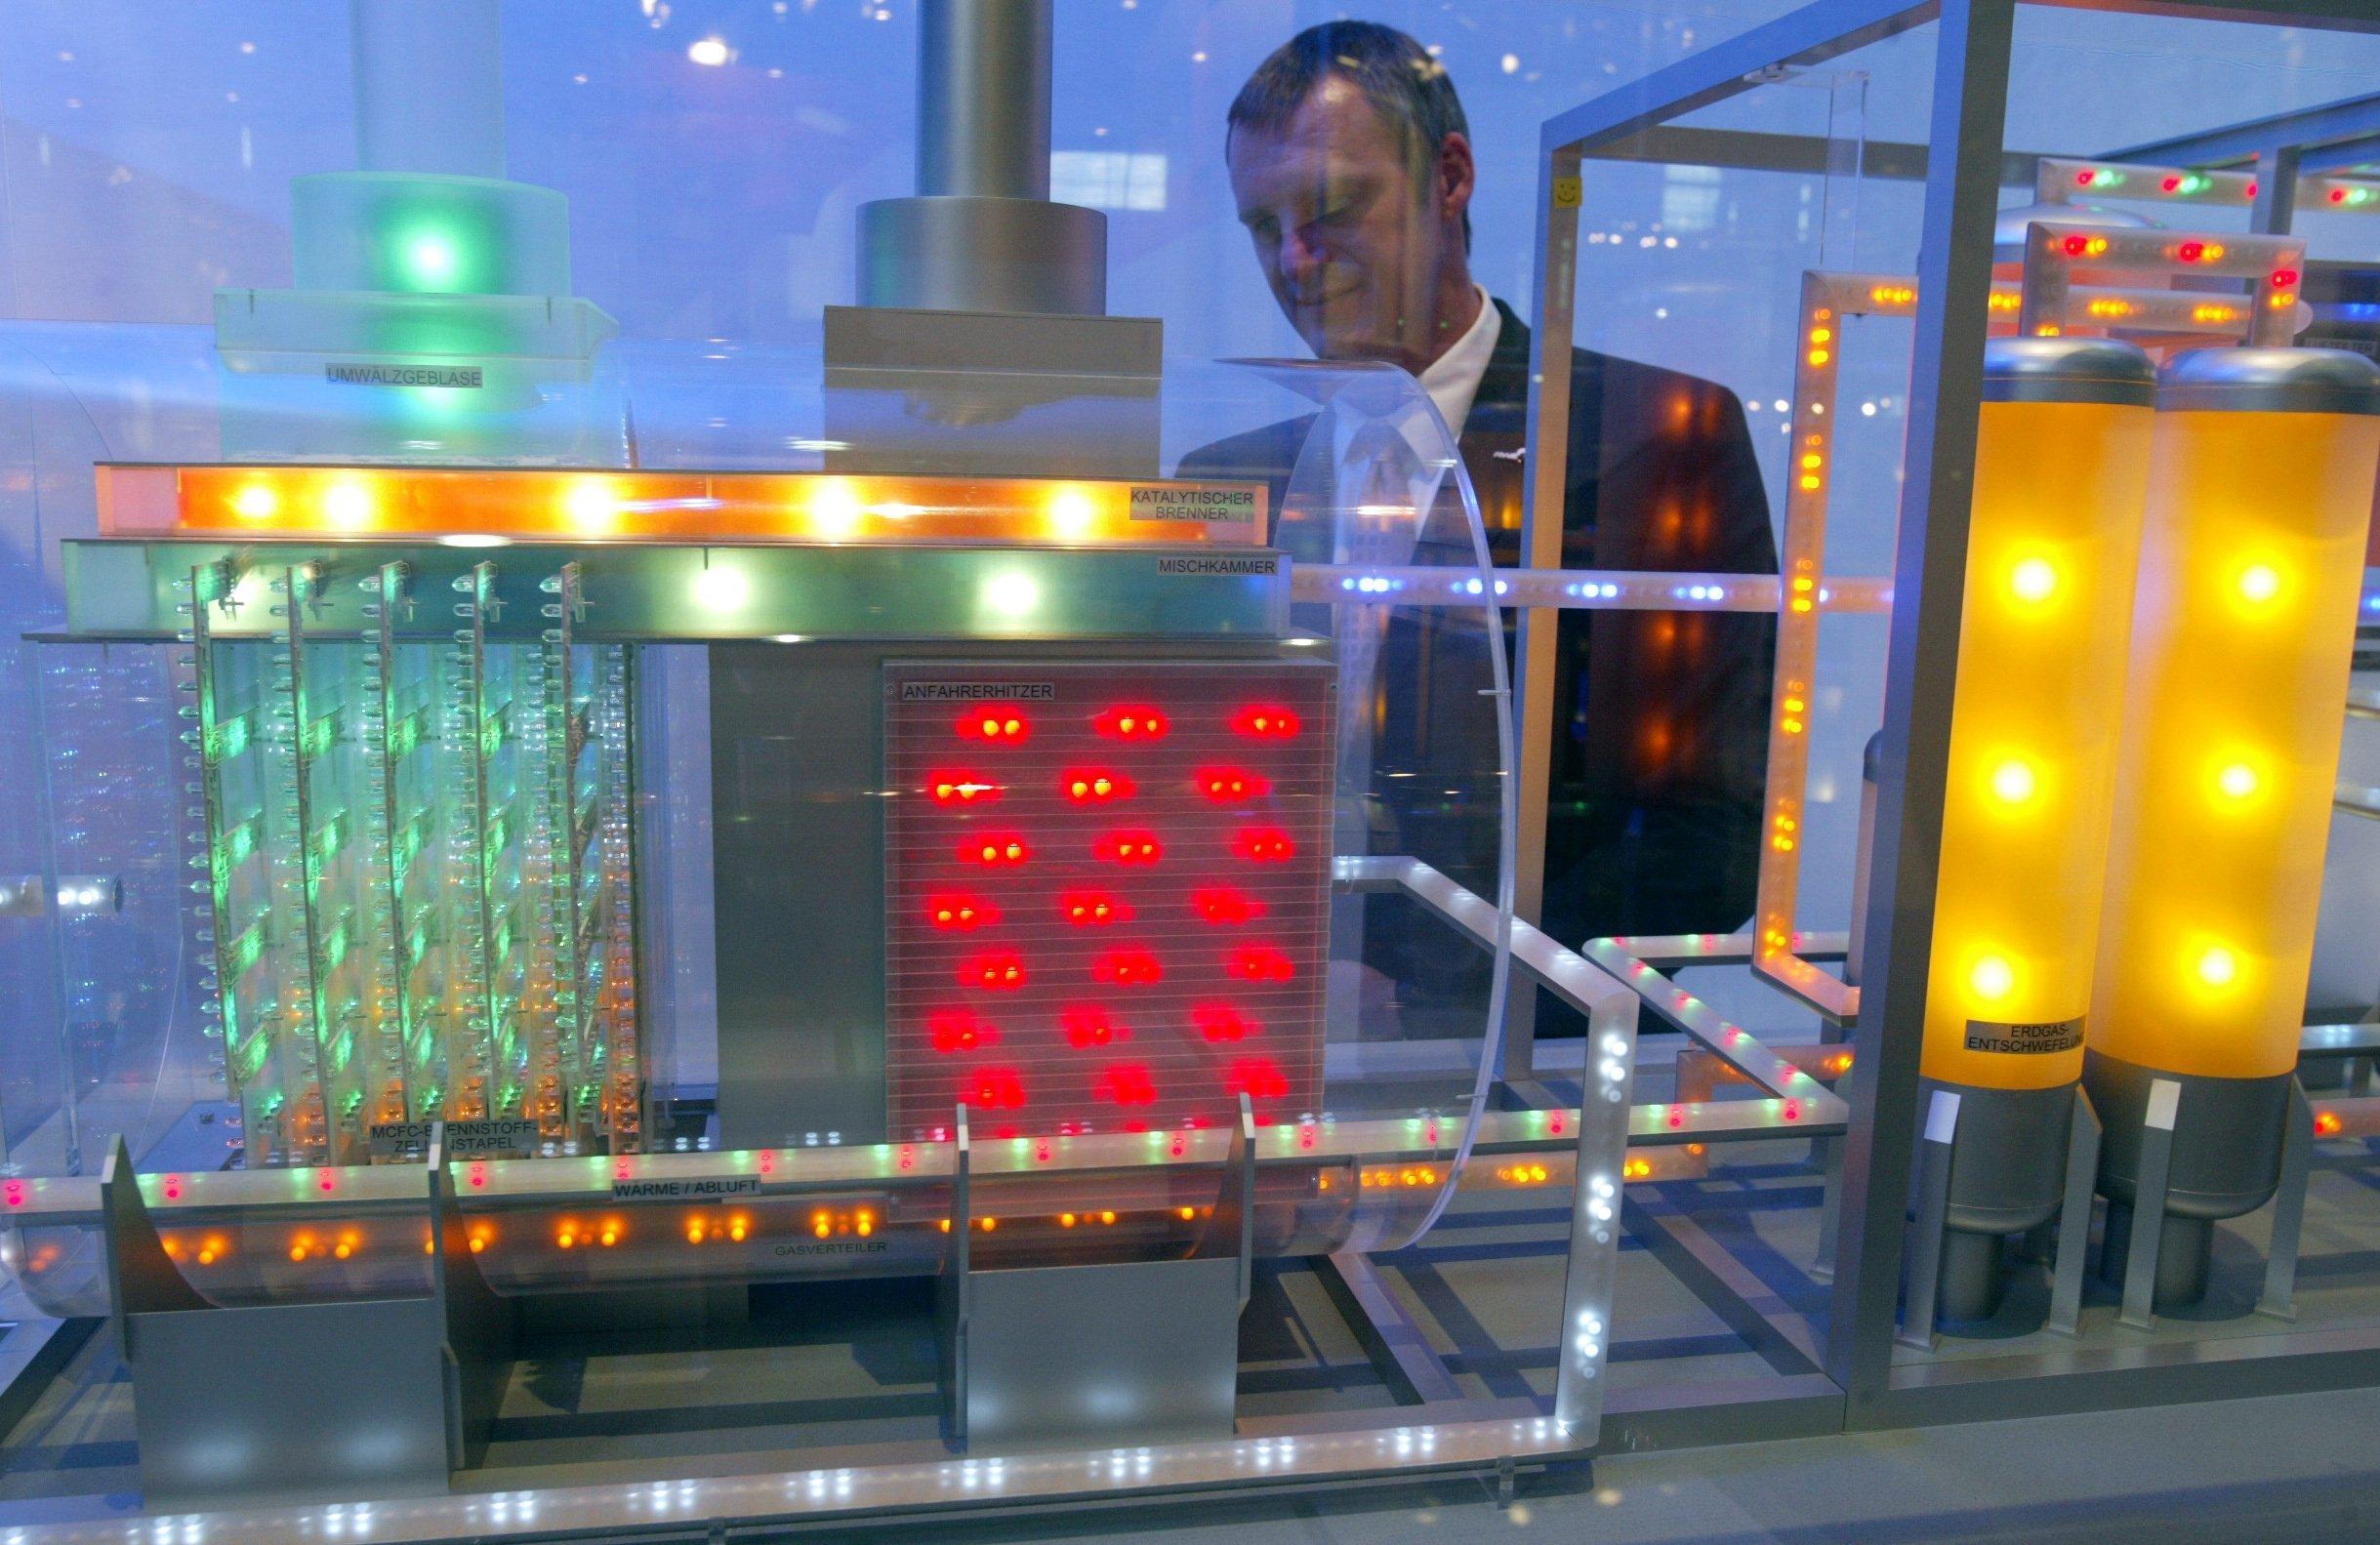 Modell einer Brennstoffzelle mit Kraft-Wärme-Kopplung: Die Unternehmensberatung Roland Berger glaubt aus Kostengründen an keinen Markterfolg.